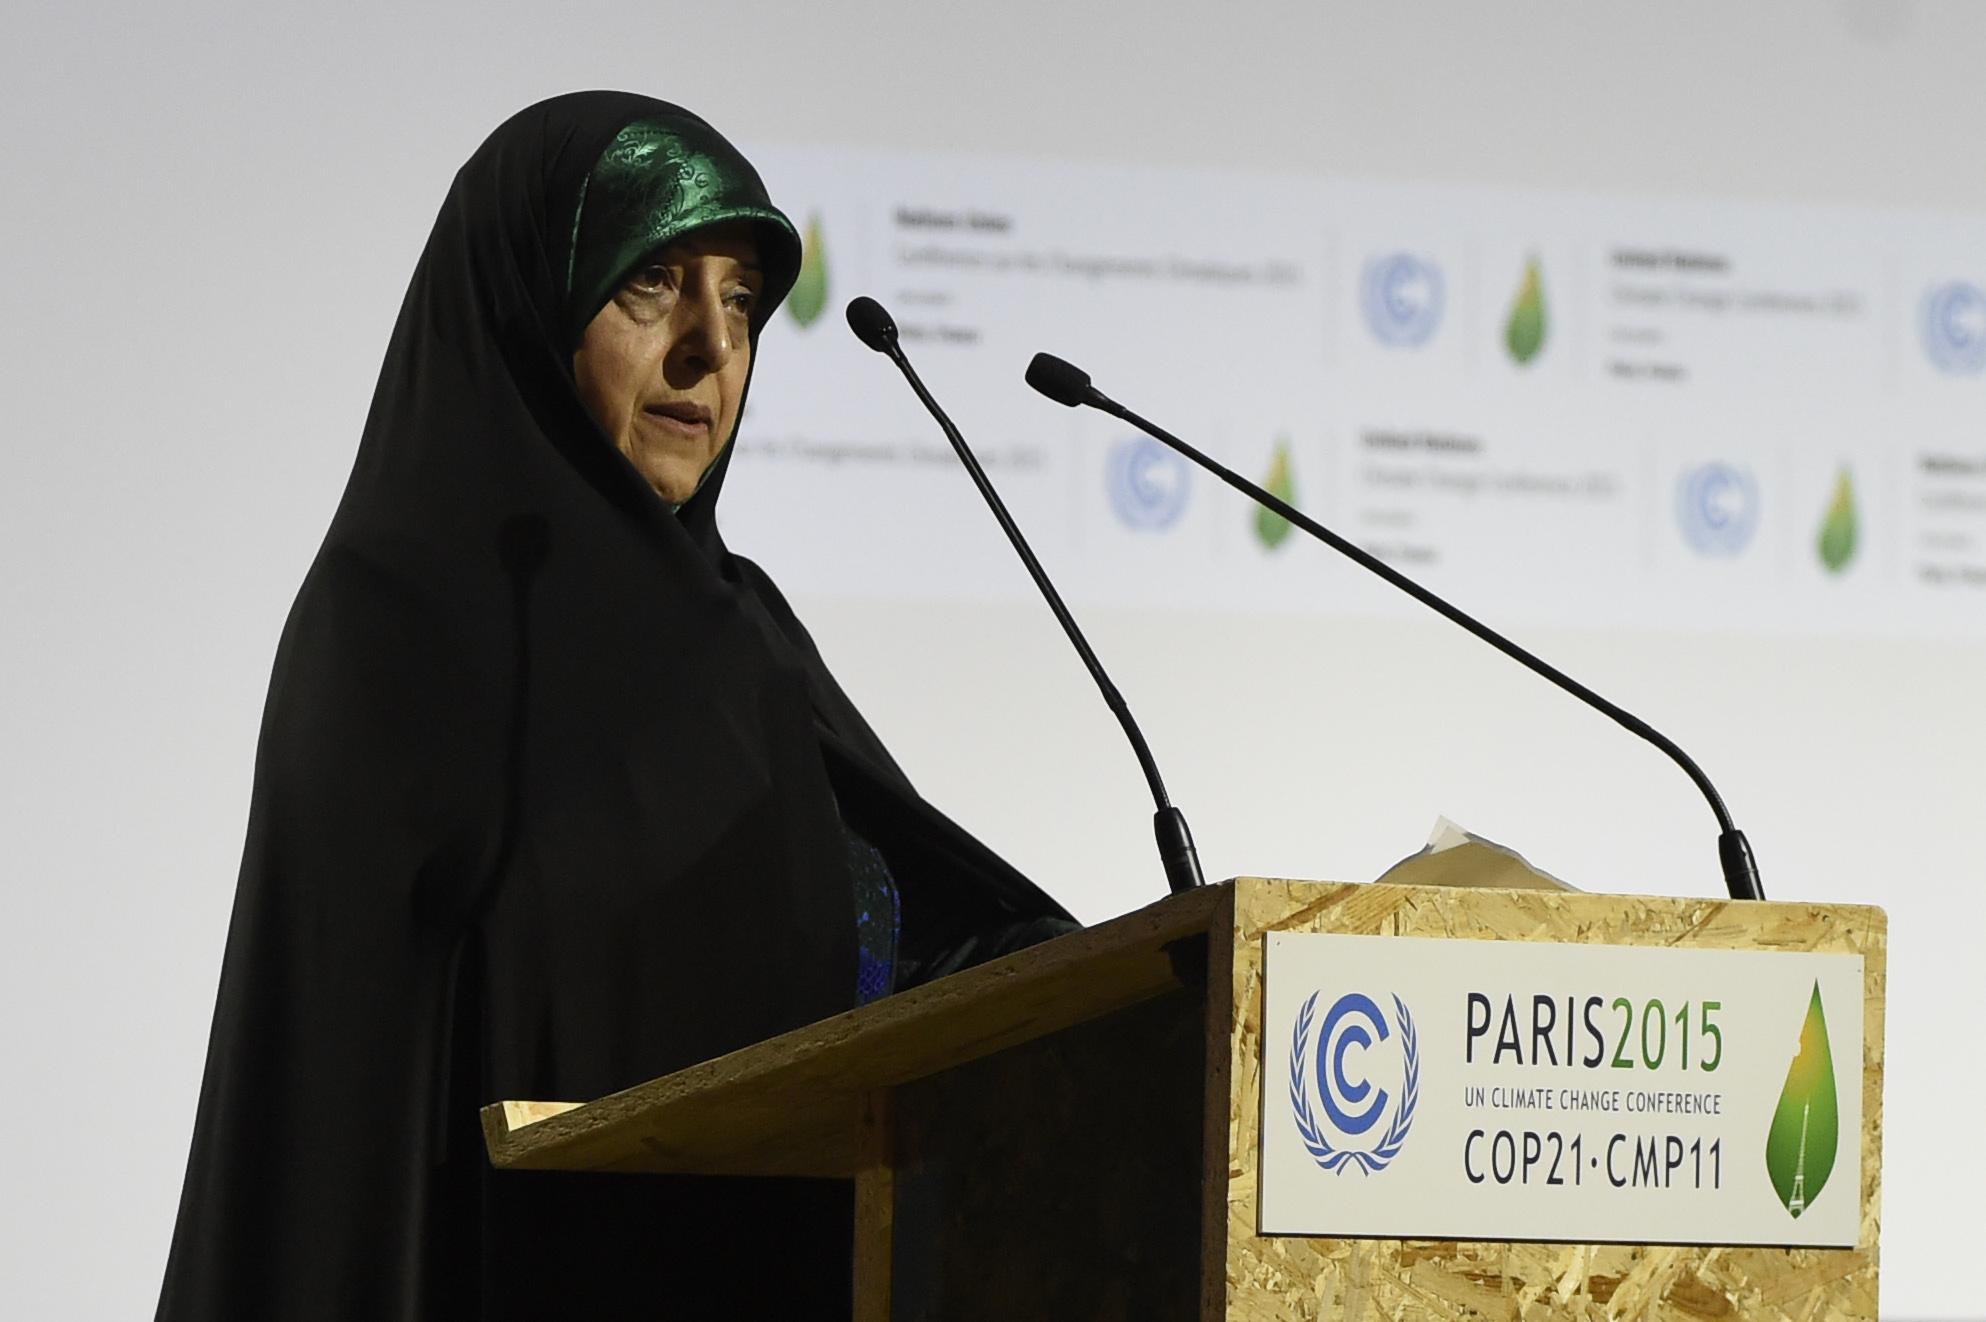 圖為伊朗副總統馬蘇梅·埃布特卡(Masoumeh Ebtekar),2月27日傳出消息:她被確診感染中共肺炎。(ALAIN JOCARD / AFP)